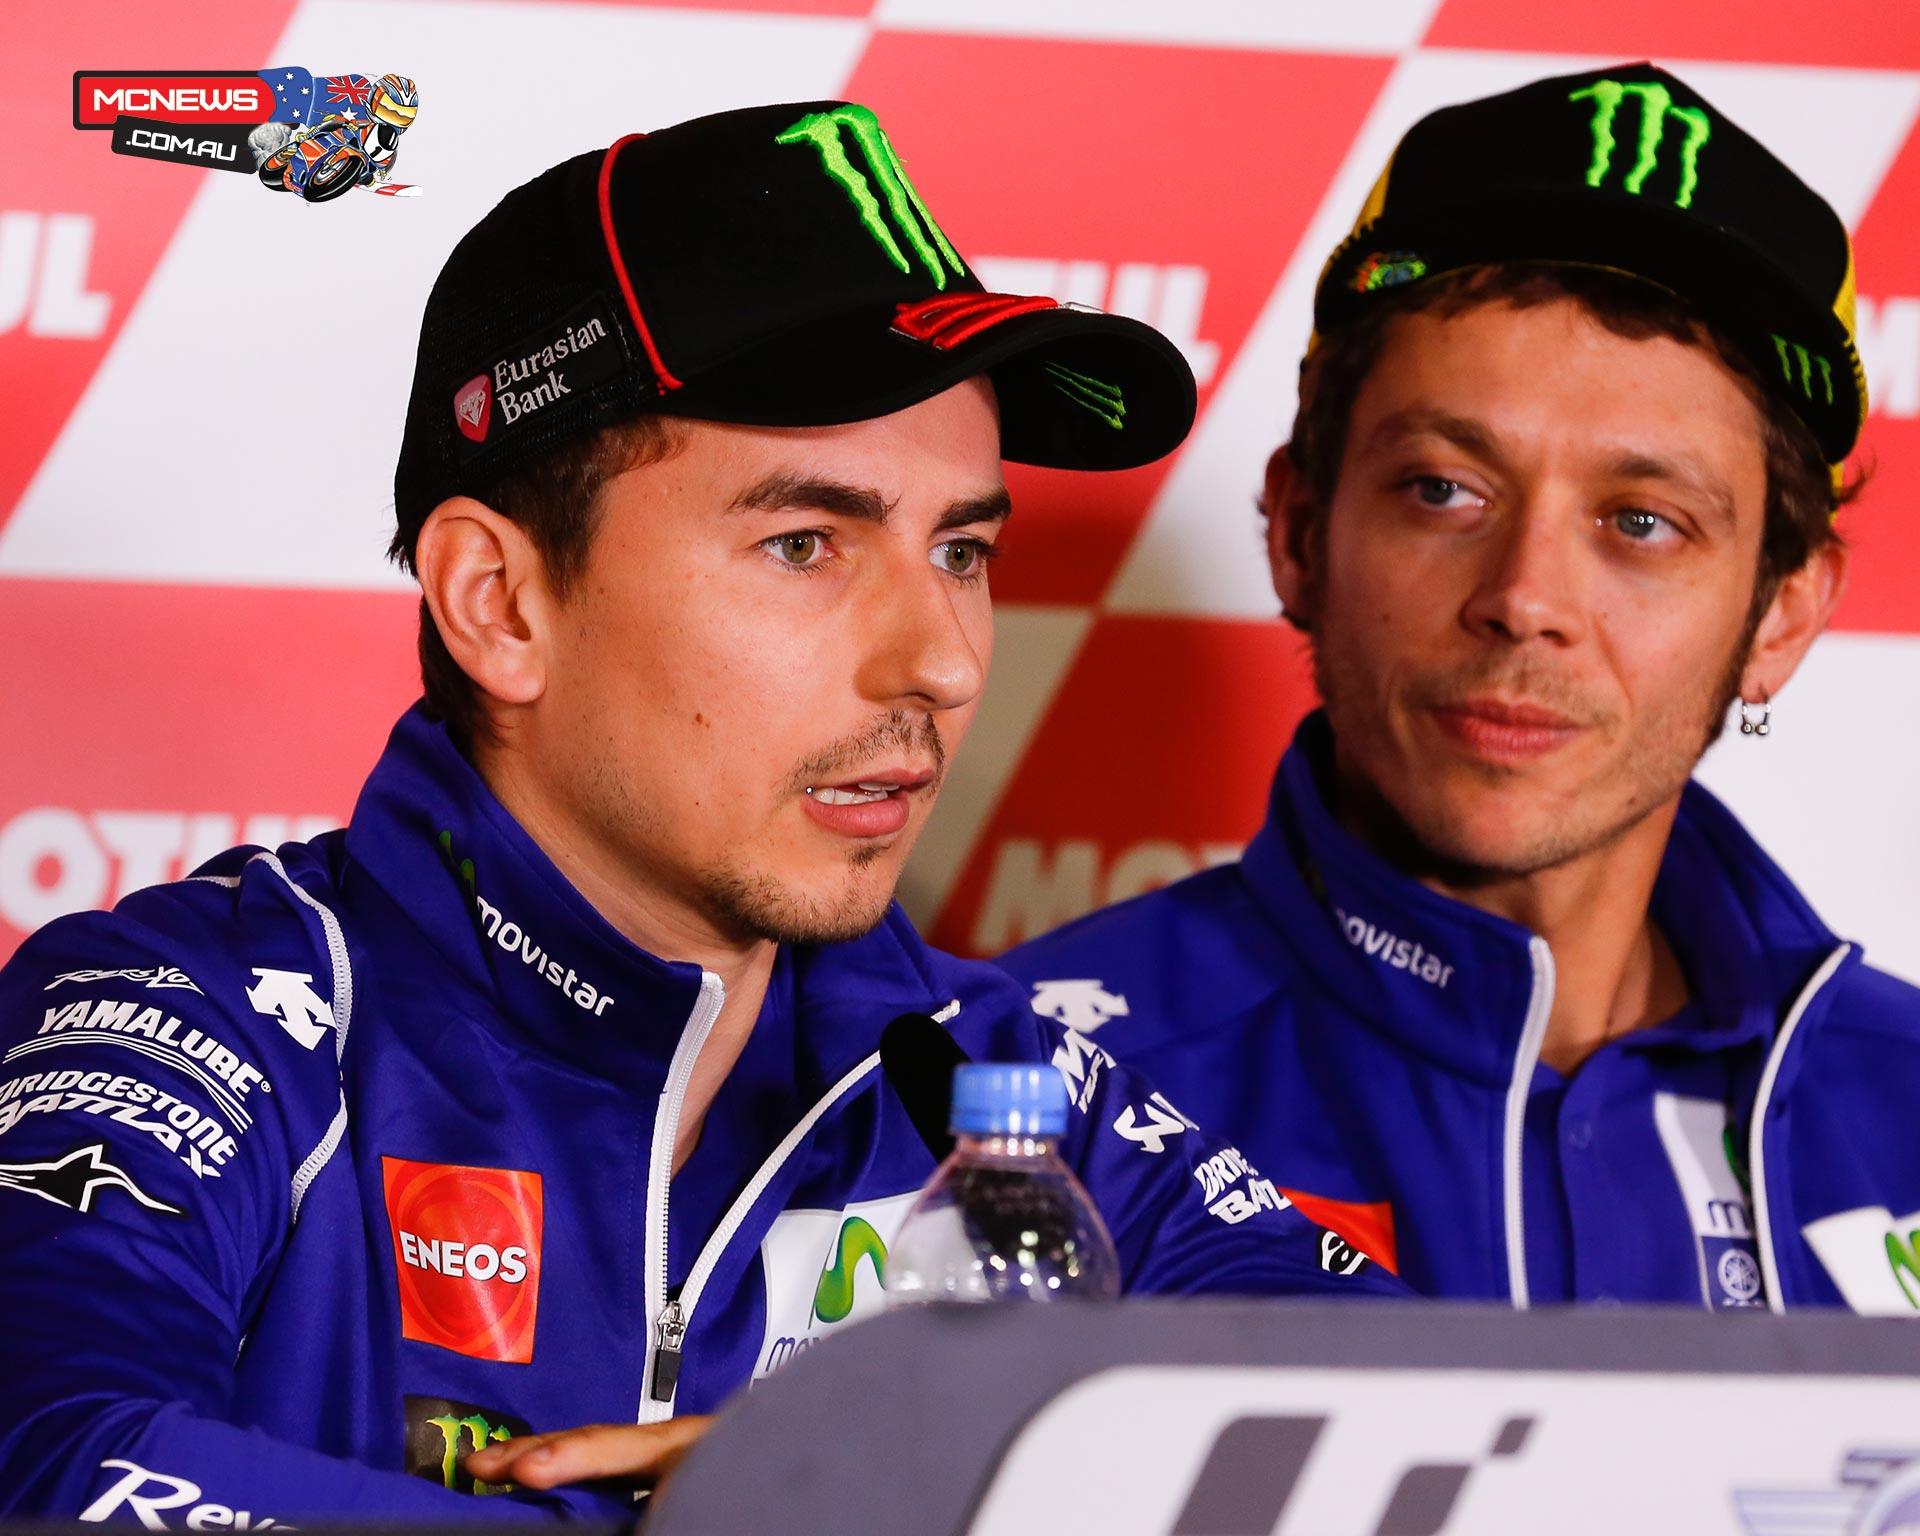 Yamaha's Valentino Rossi and Jorge Lorenzo